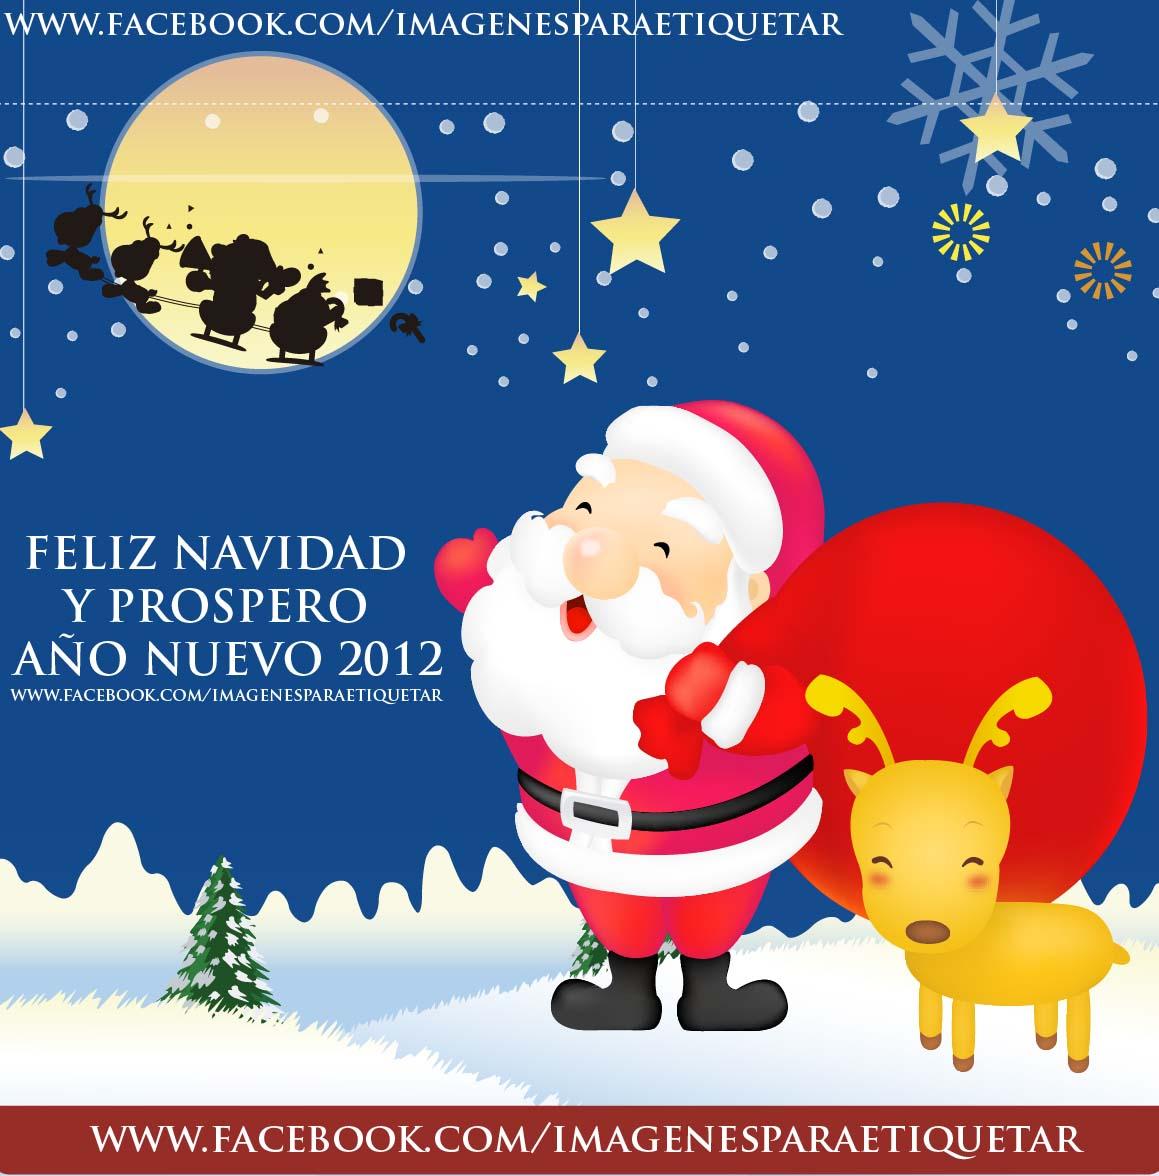 Frases De Amor Navidenas 2011 2012 Feliz Navidad 2011 y Prospero A±o Nuevo